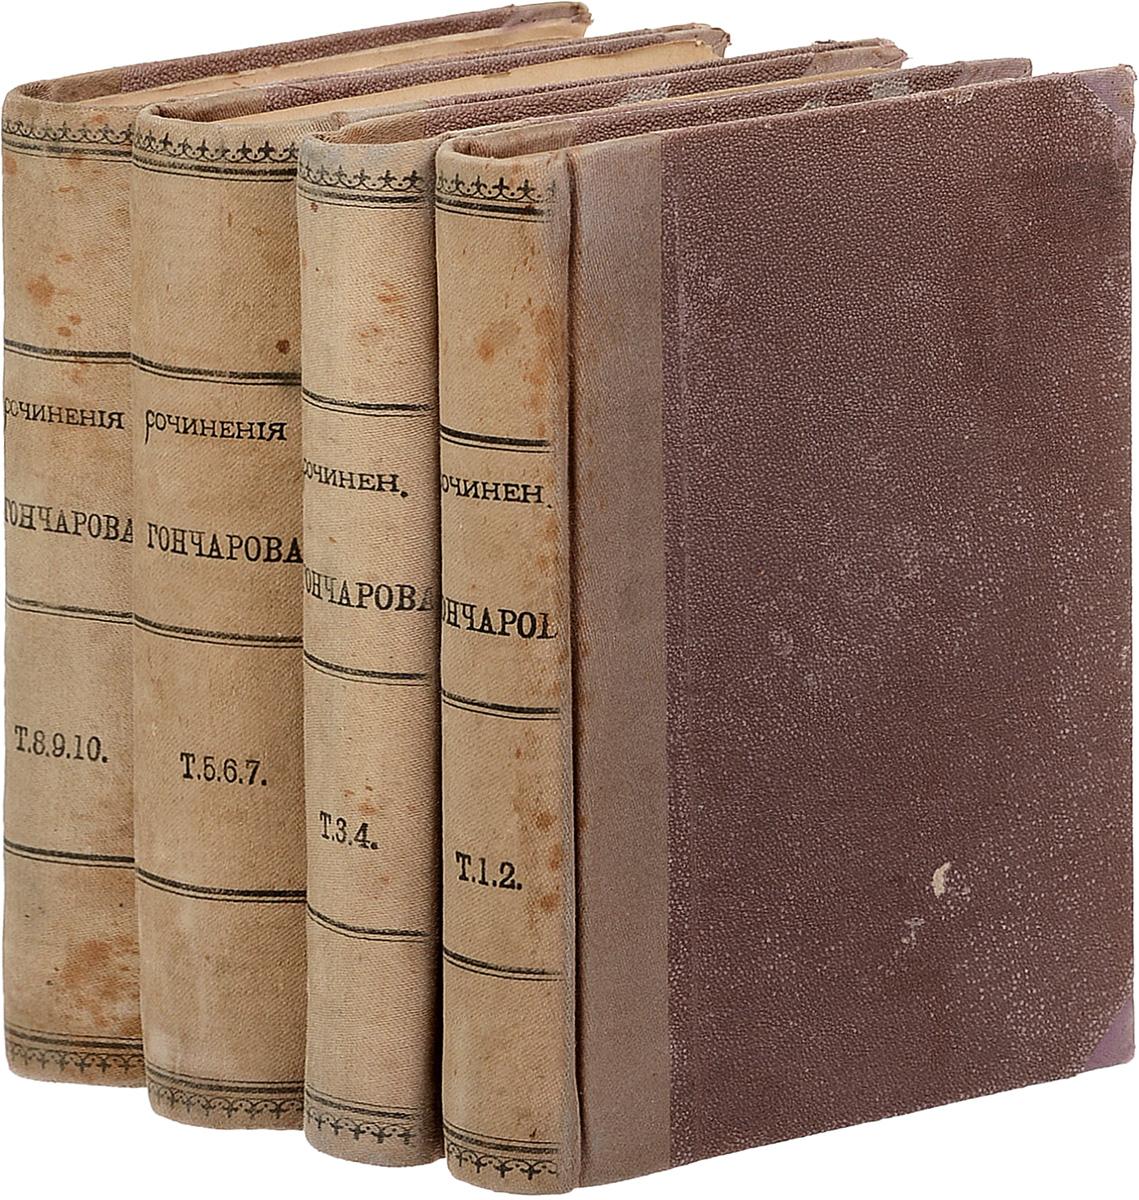 Полное собрание сочинений И. А. Гончарова в 12 томах. Отсутствуют тома 11, 12 (комплект из 4 книг)